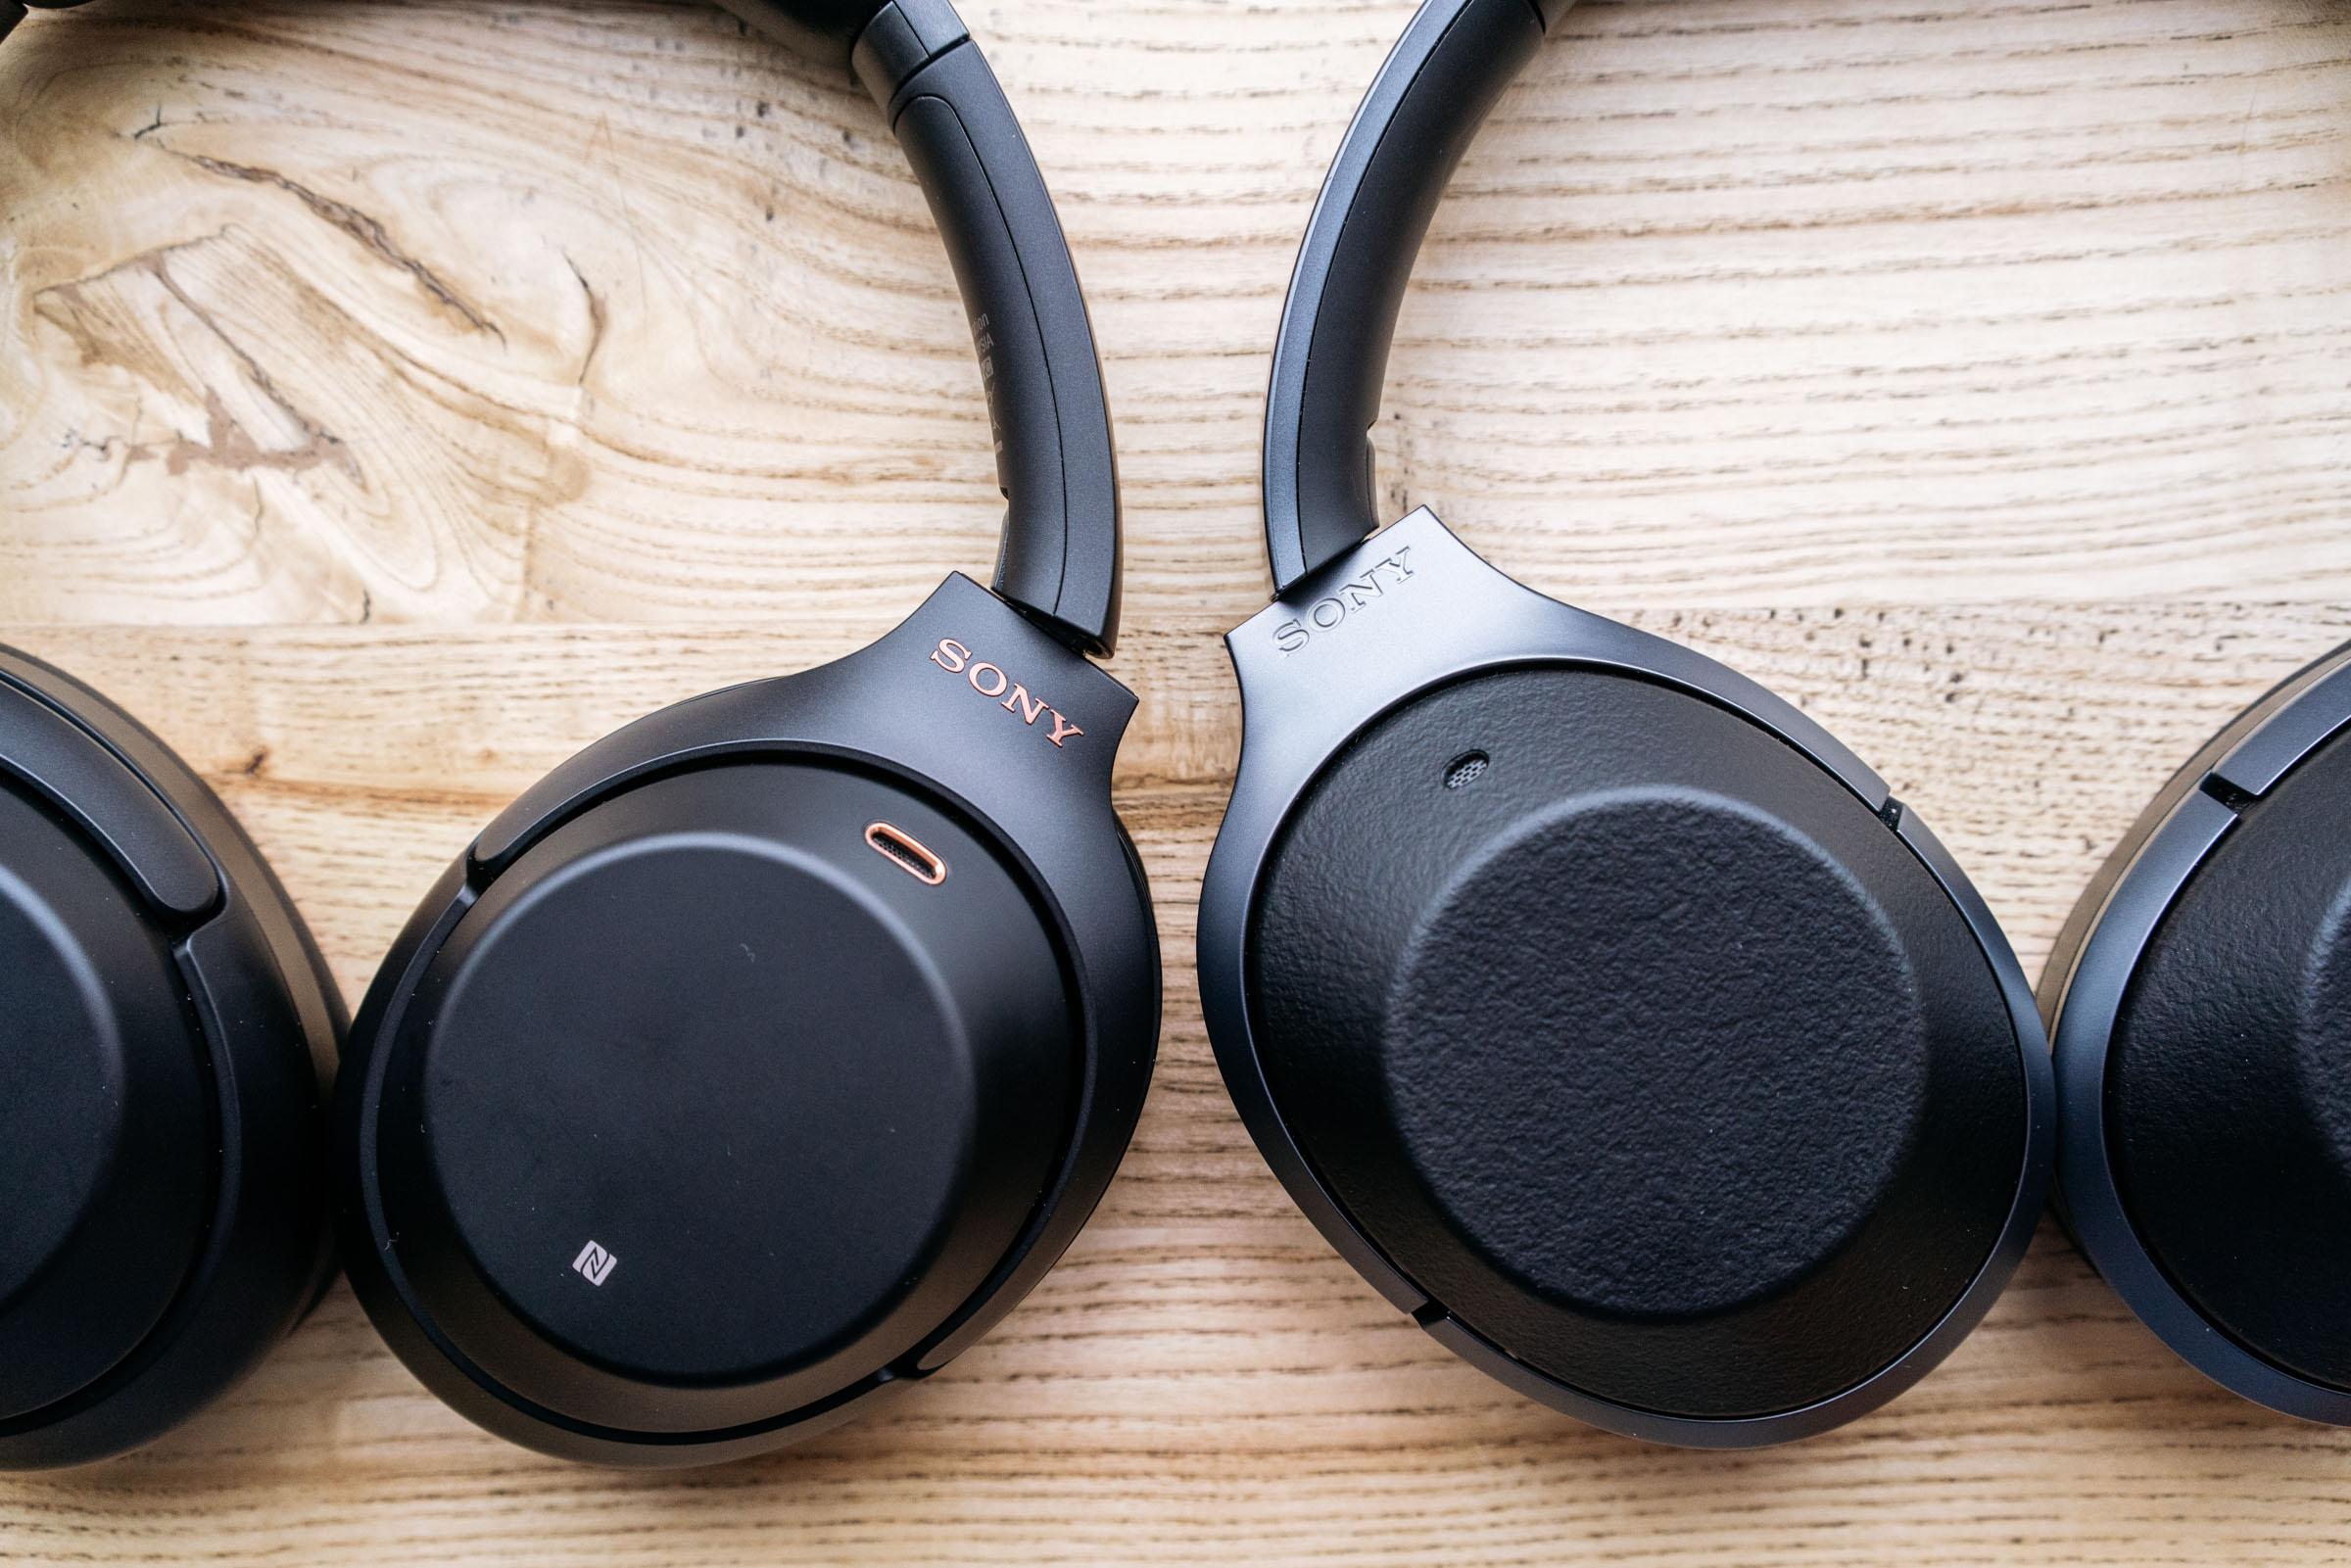 Sony WH-1000XM3 recenzja